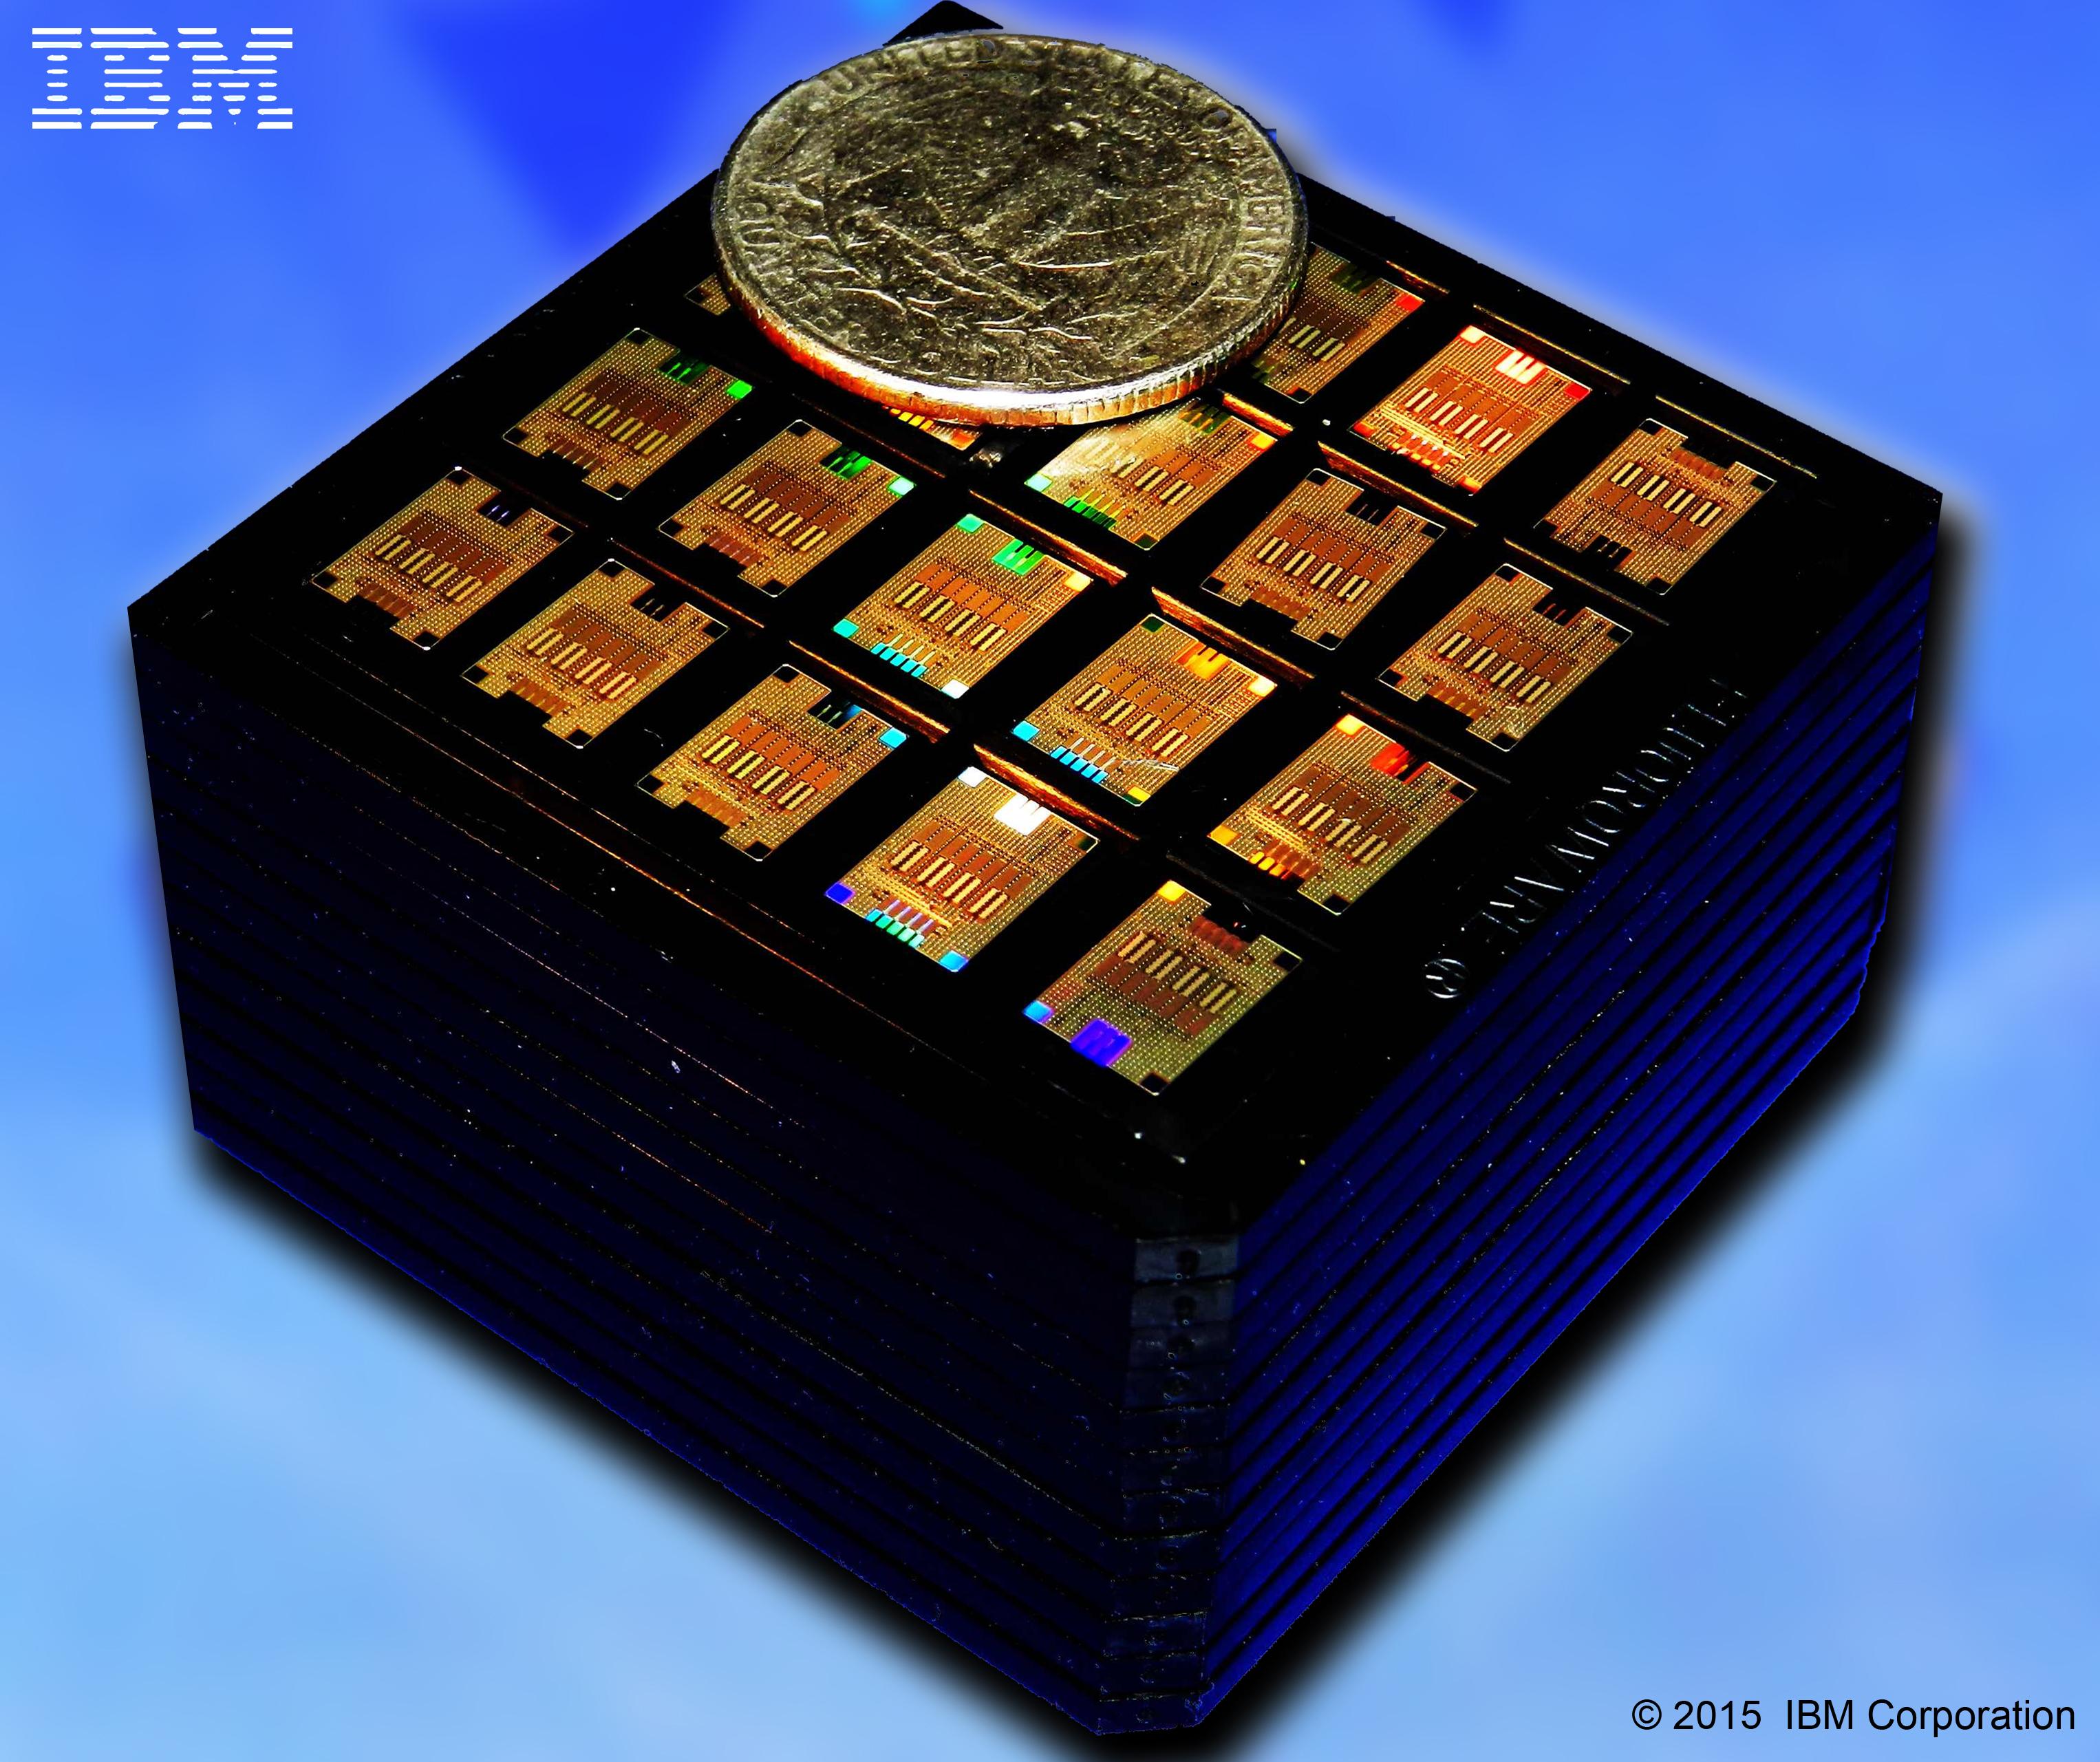 Кассета, содержащая несколько сотен чипов, предназначенных длястогигабитных приёмопередатчиков.